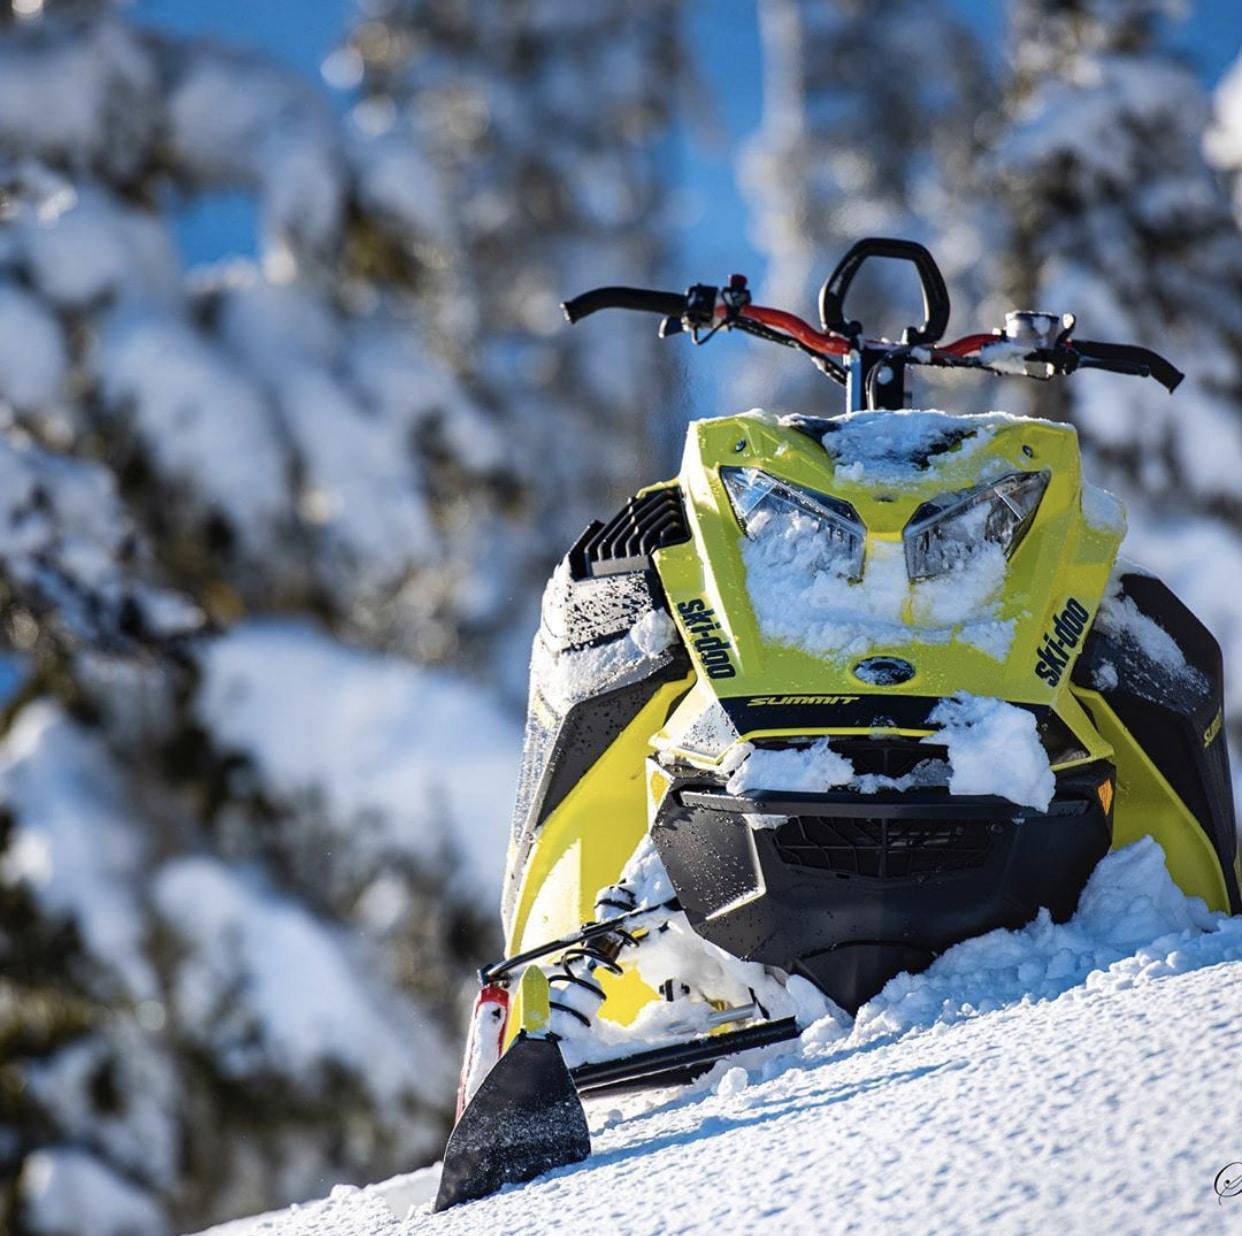 """Ma """"date"""" avec le Summit Turbo 850 E-TEC 2020 de Ski-doo"""